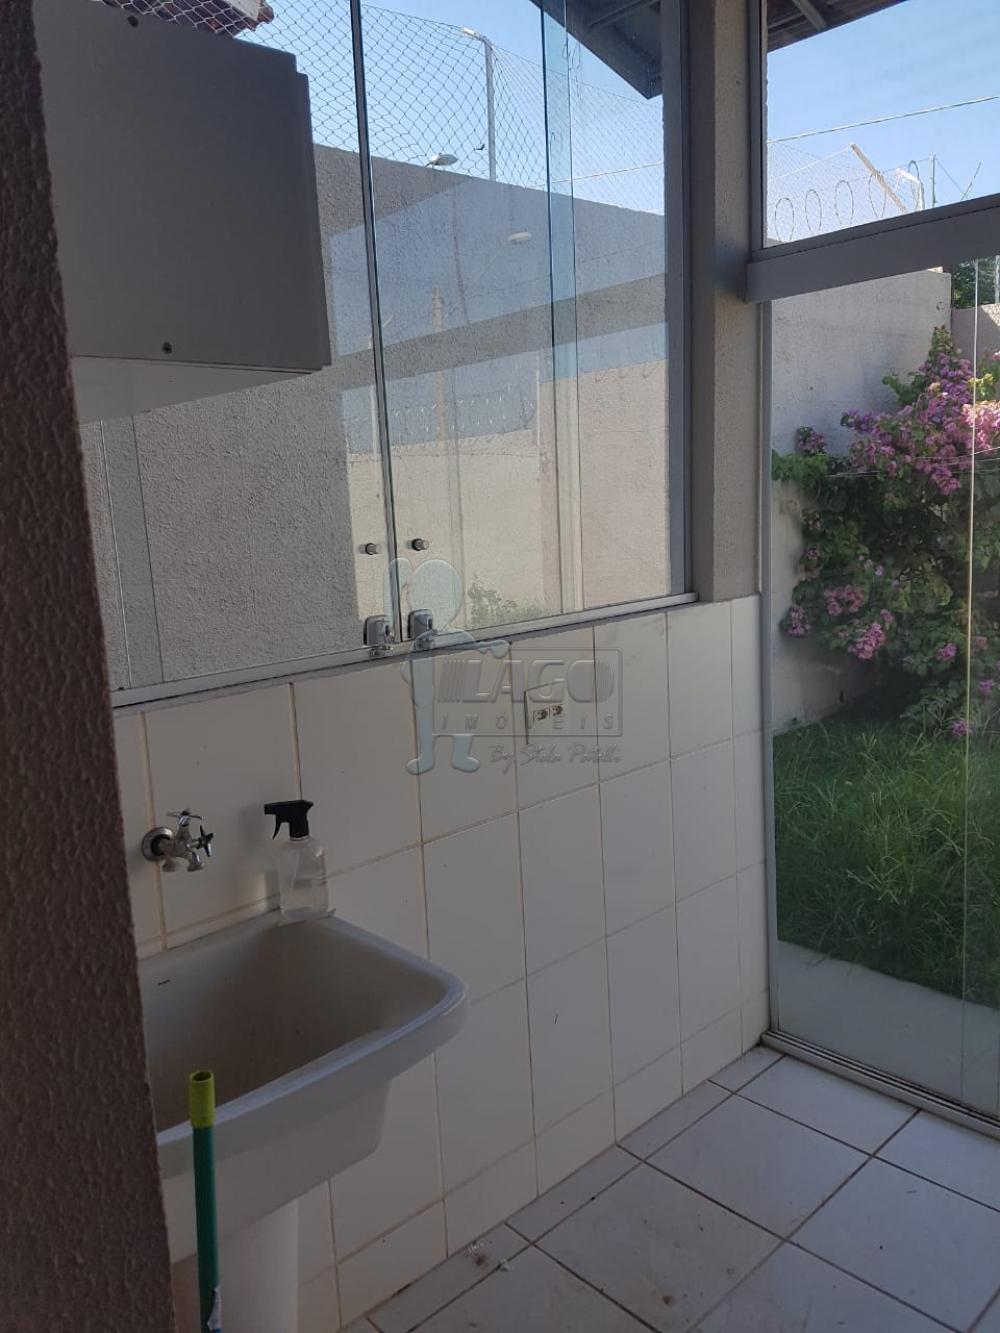 Alugar Casas / Condomínio em Ribeirão Preto apenas R$ 2.000,00 - Foto 2